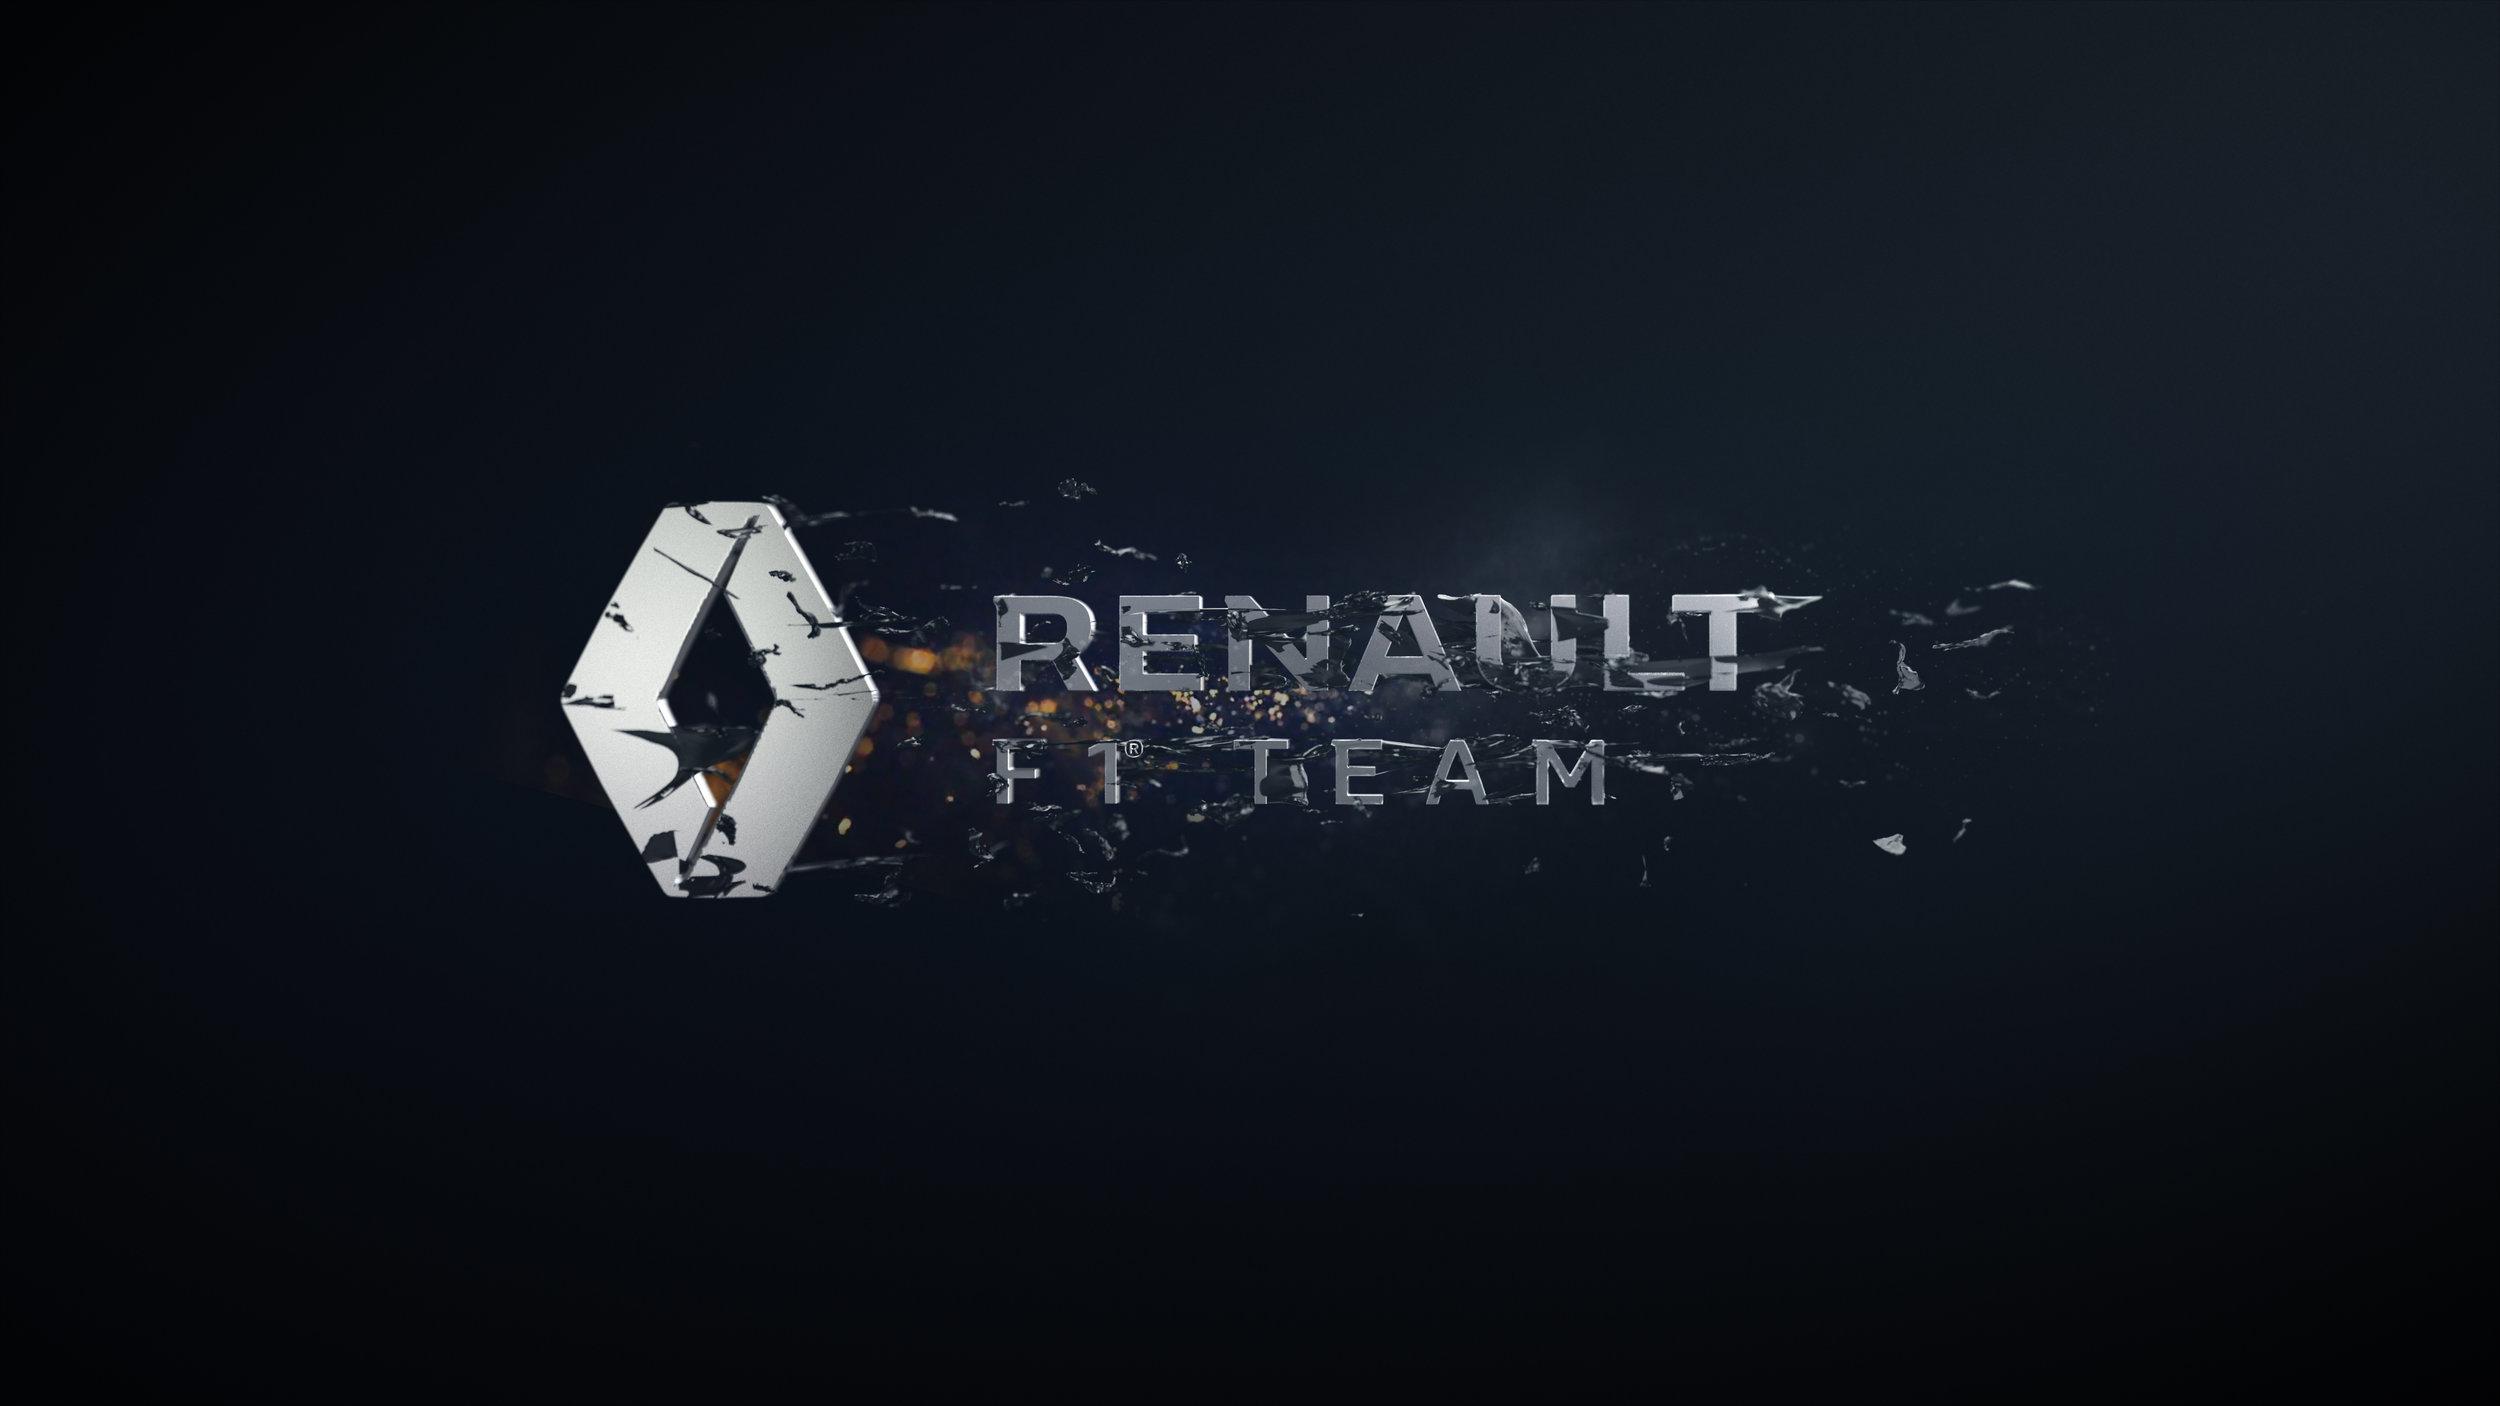 Renault_LogoSaturate_0000.jpg